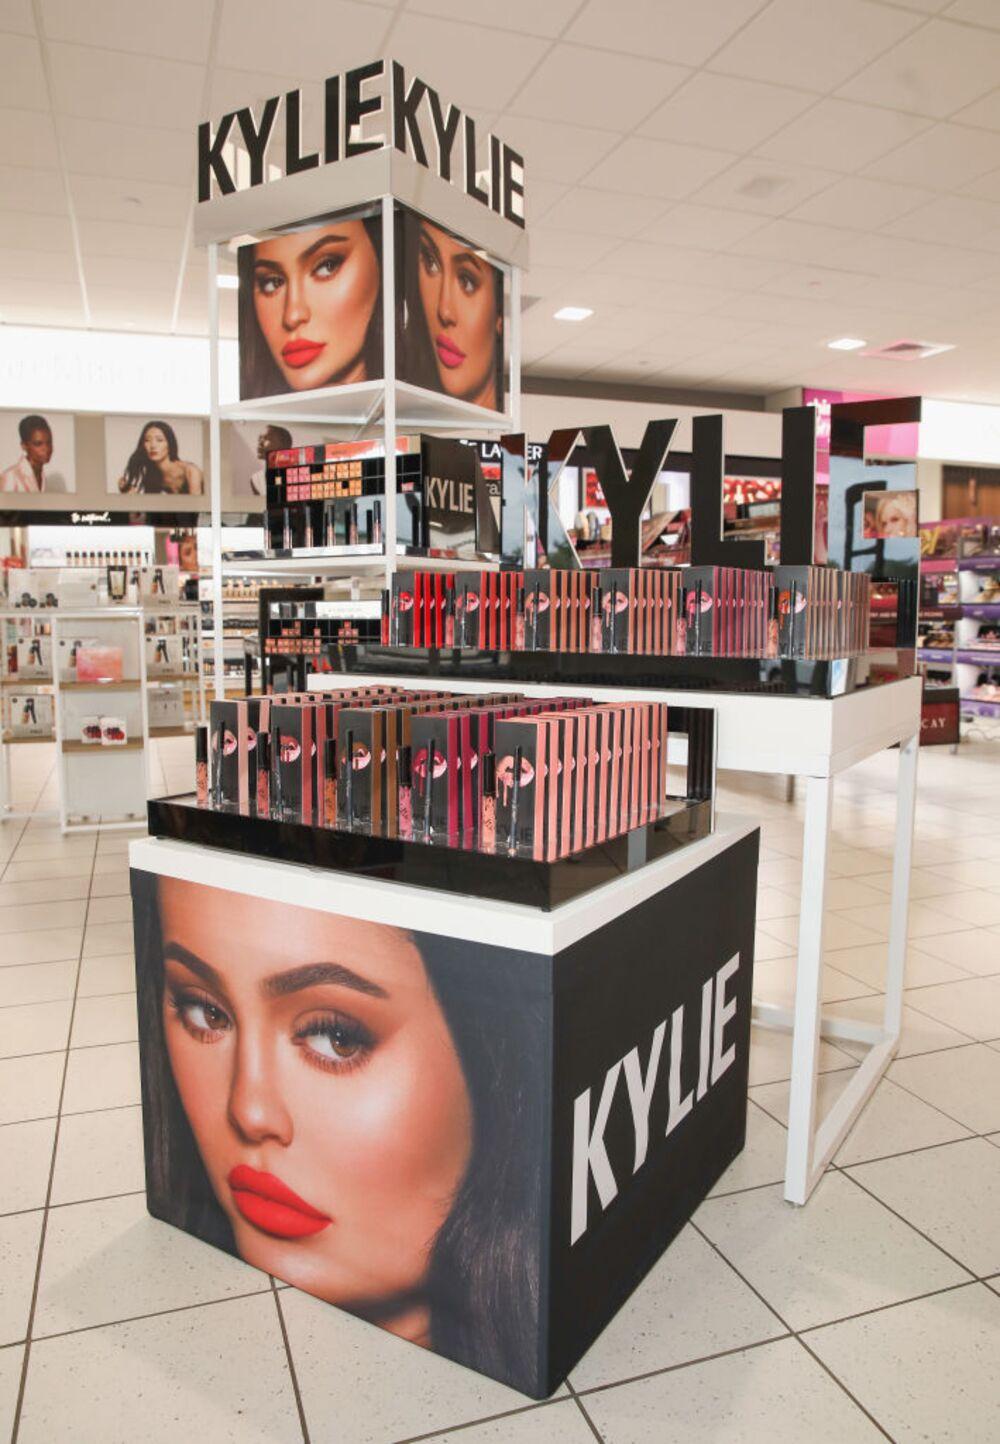 05e6c95cf08 Kylie Jenner Isn't Only Reason Ulta Beauty (ULTA) Wins With Gen Z ...